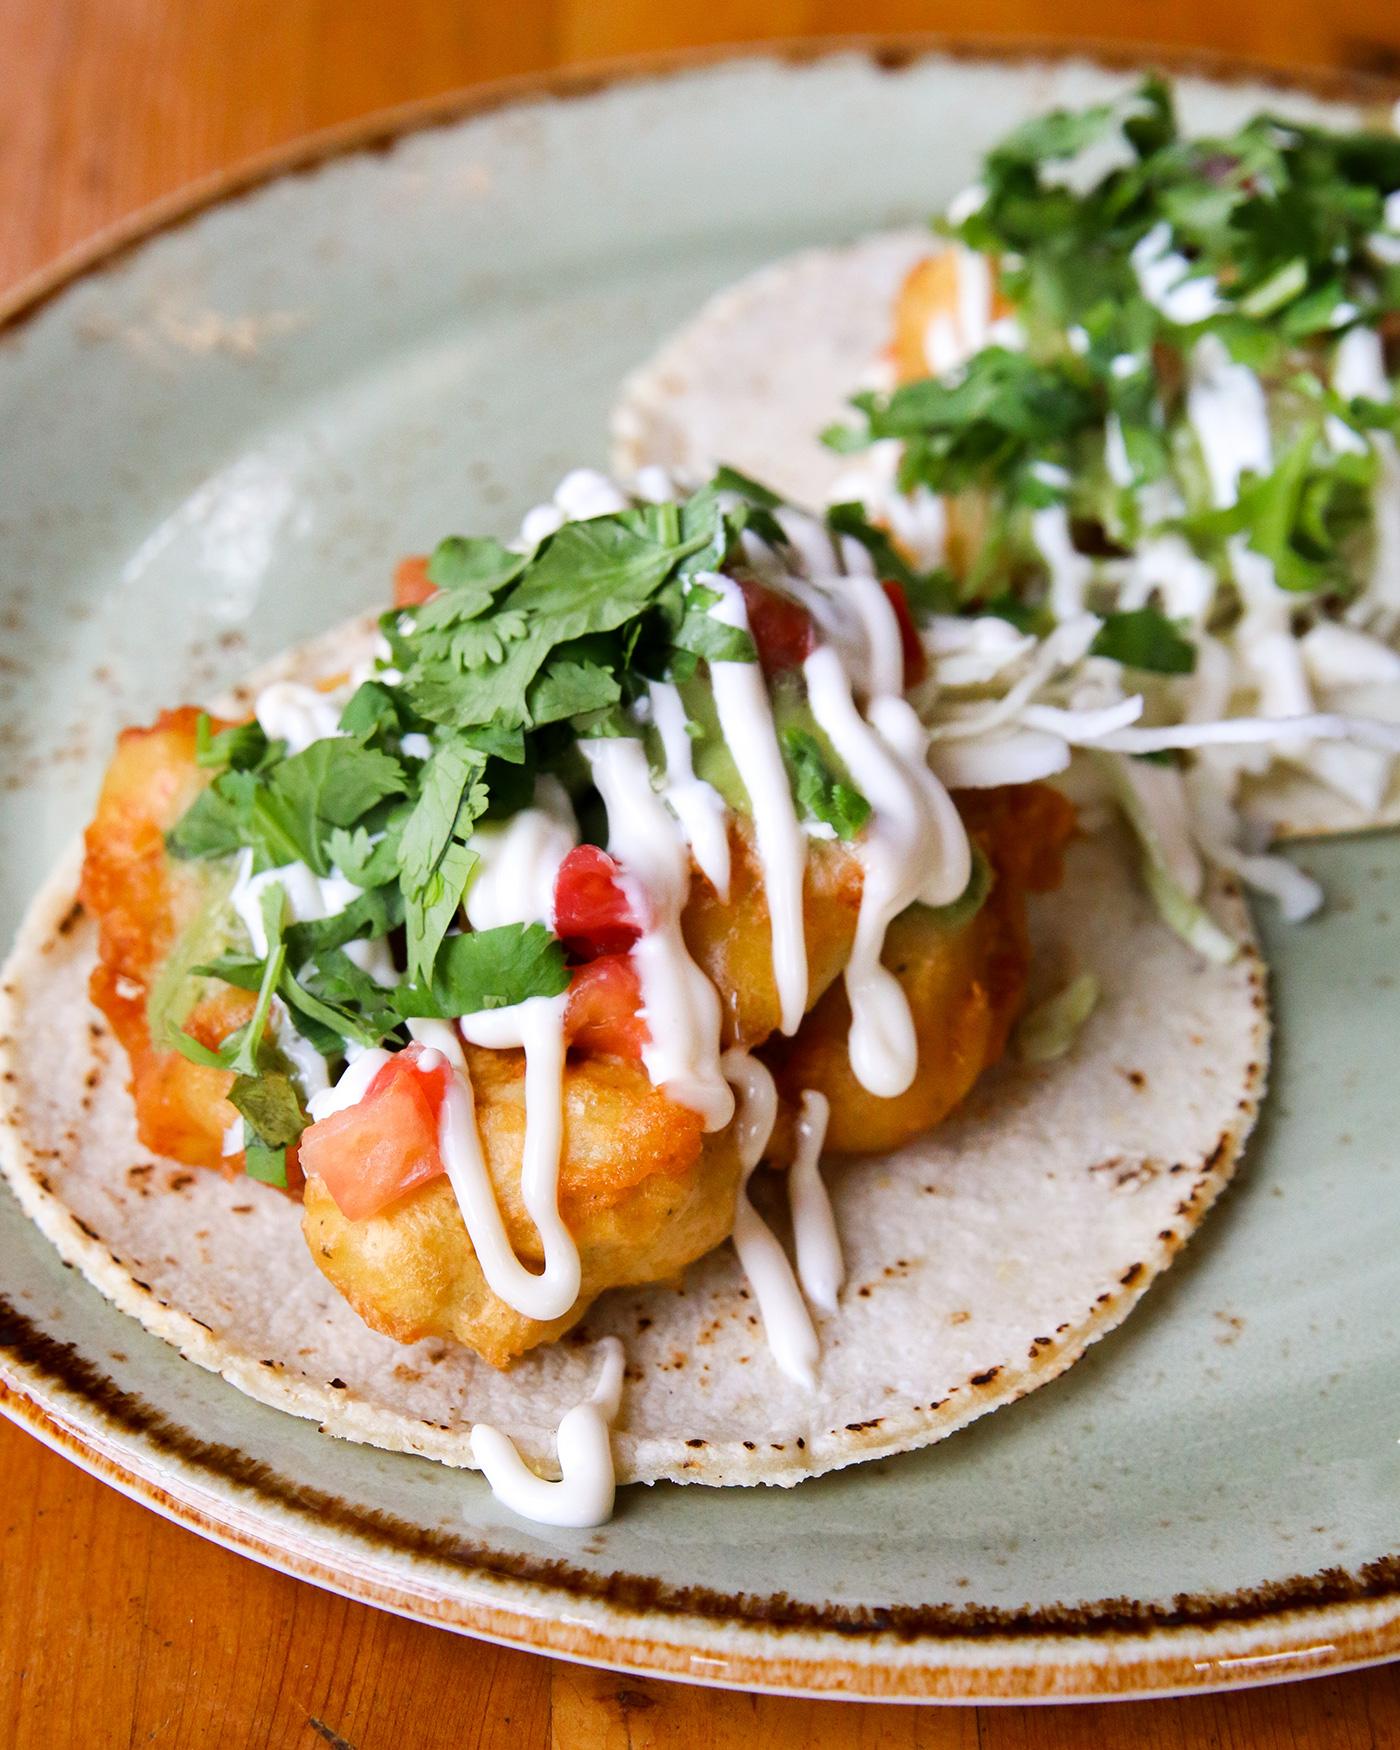 vancouver shrimp tacos alimentaria mexicana